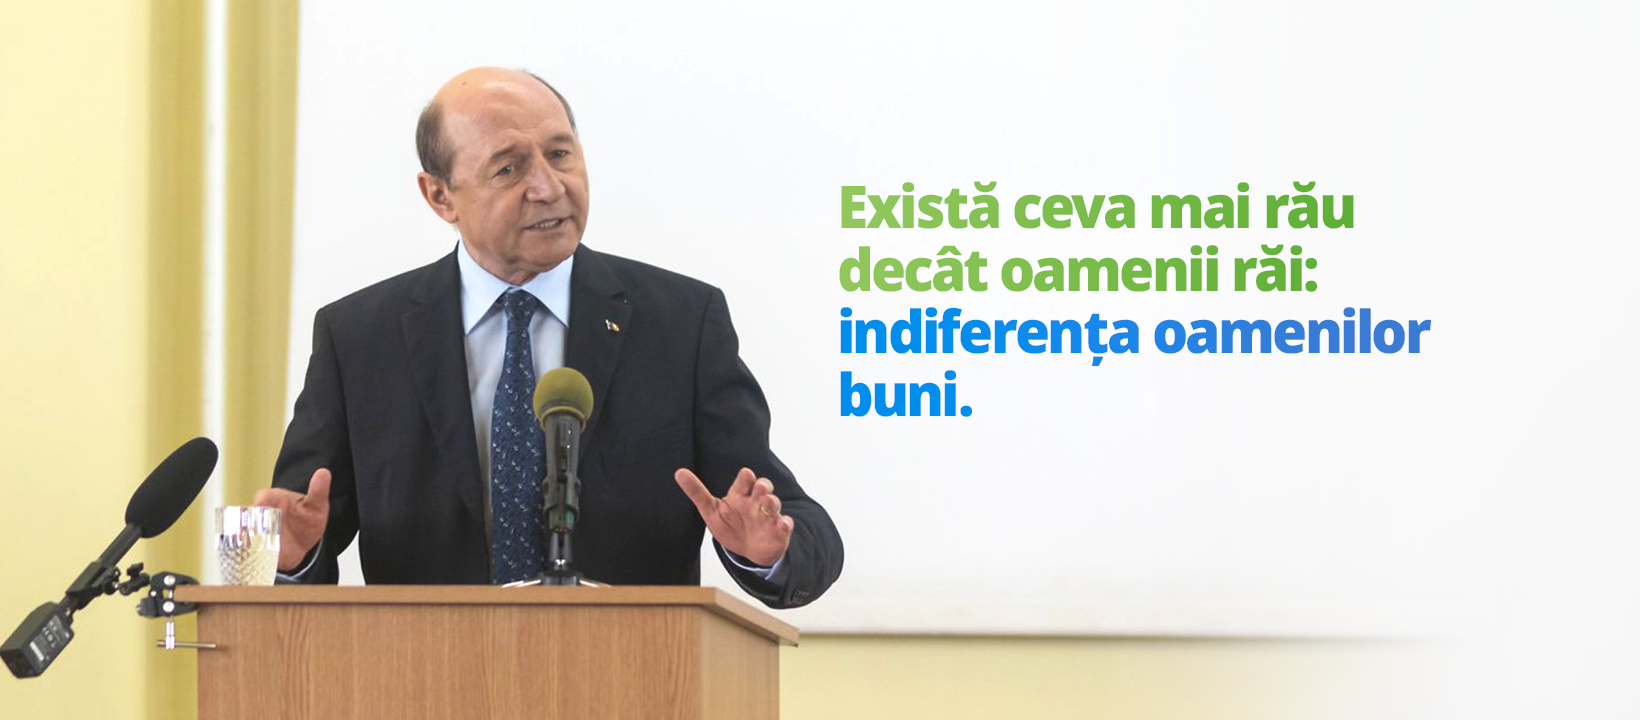 Imagine folosită de Traian Băsescu în campania din 2018 pentru Parlamentul European. Preluare cont Facebook Traian Băsescu